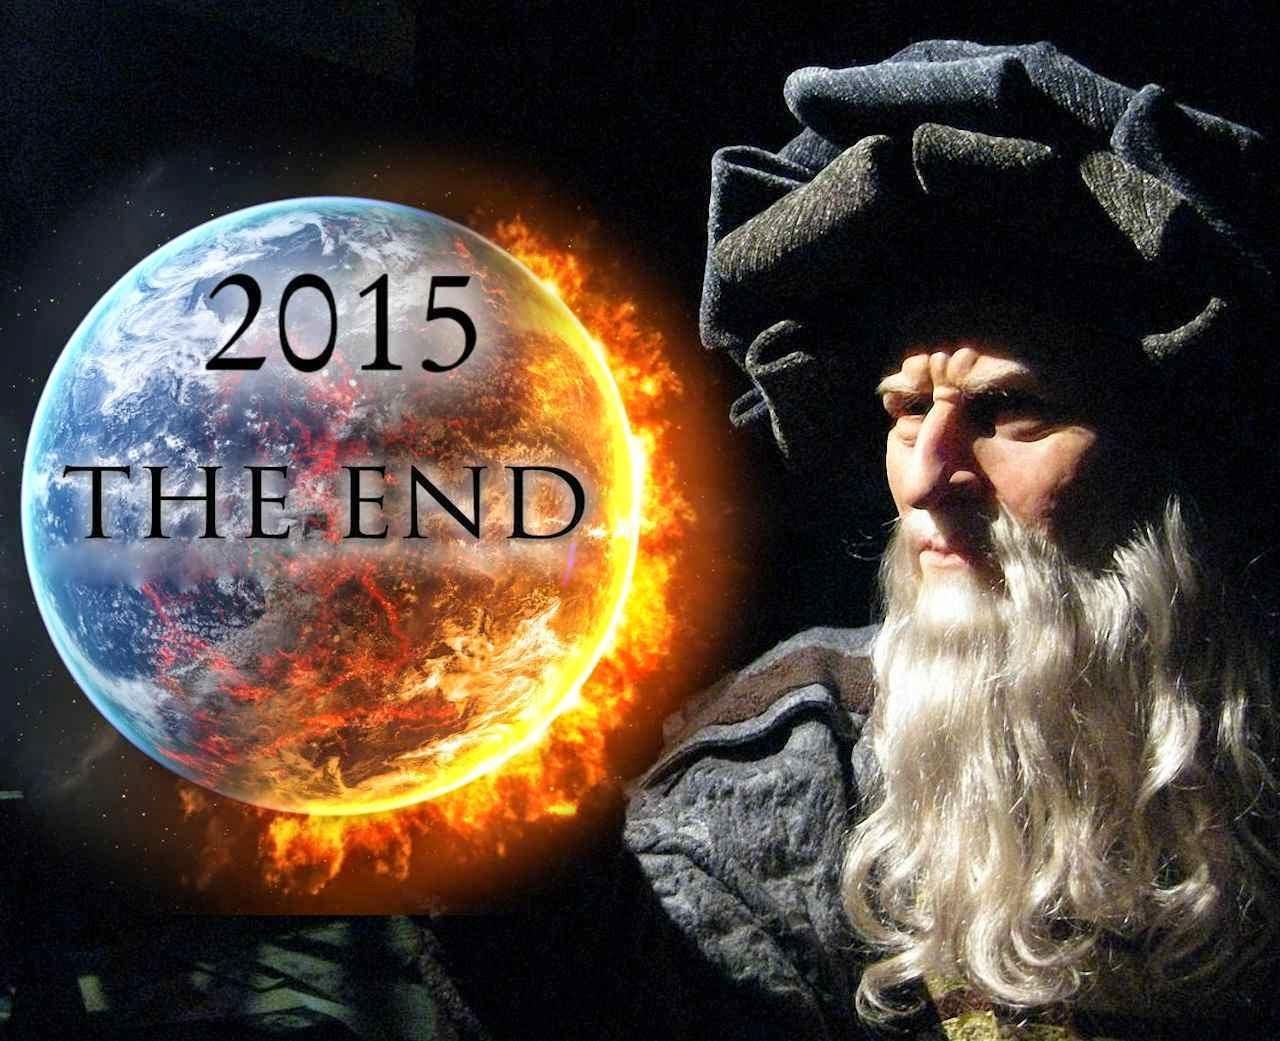 Boffstradamus: o infalível áugure profetiza o quase fim da vida na Terra em  2015